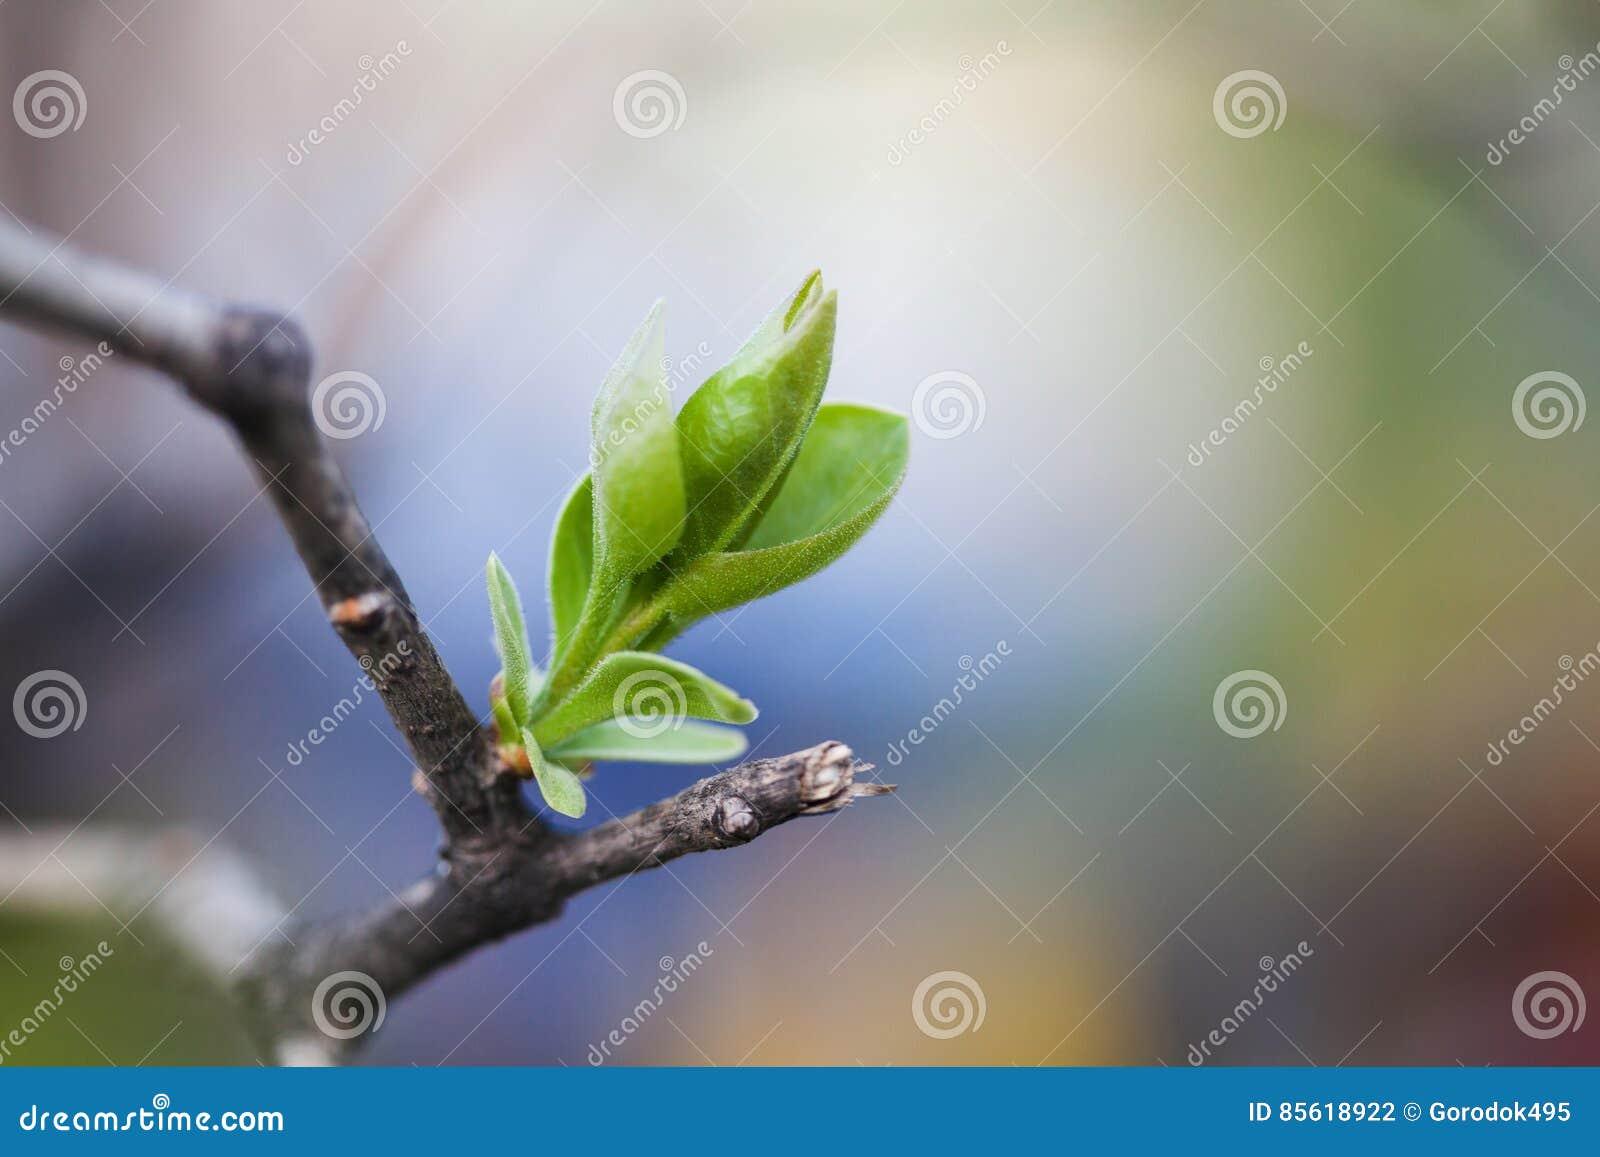 Nueva hoja del verde del concepto de la vida y rama de árbol quebrada concepto de la naturaleza del tiempo de primavera foco suav